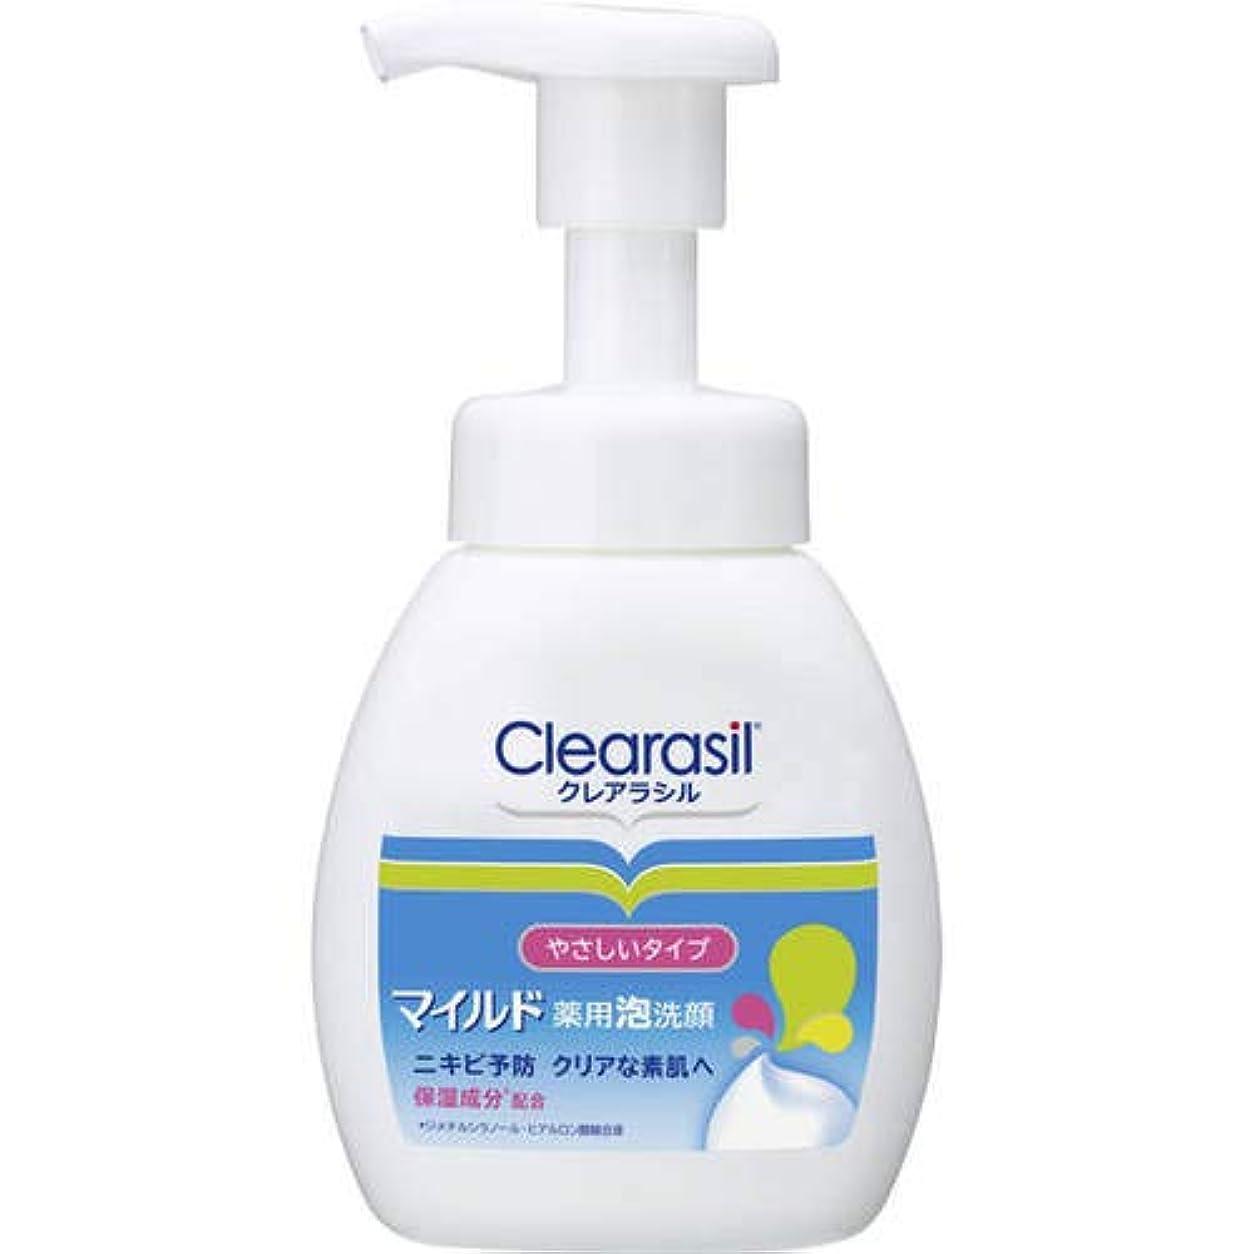 頭蓋骨ワイヤー上に築きますクレアラシル 薬用 泡洗顔フォーム マイルドタイプ 200ml